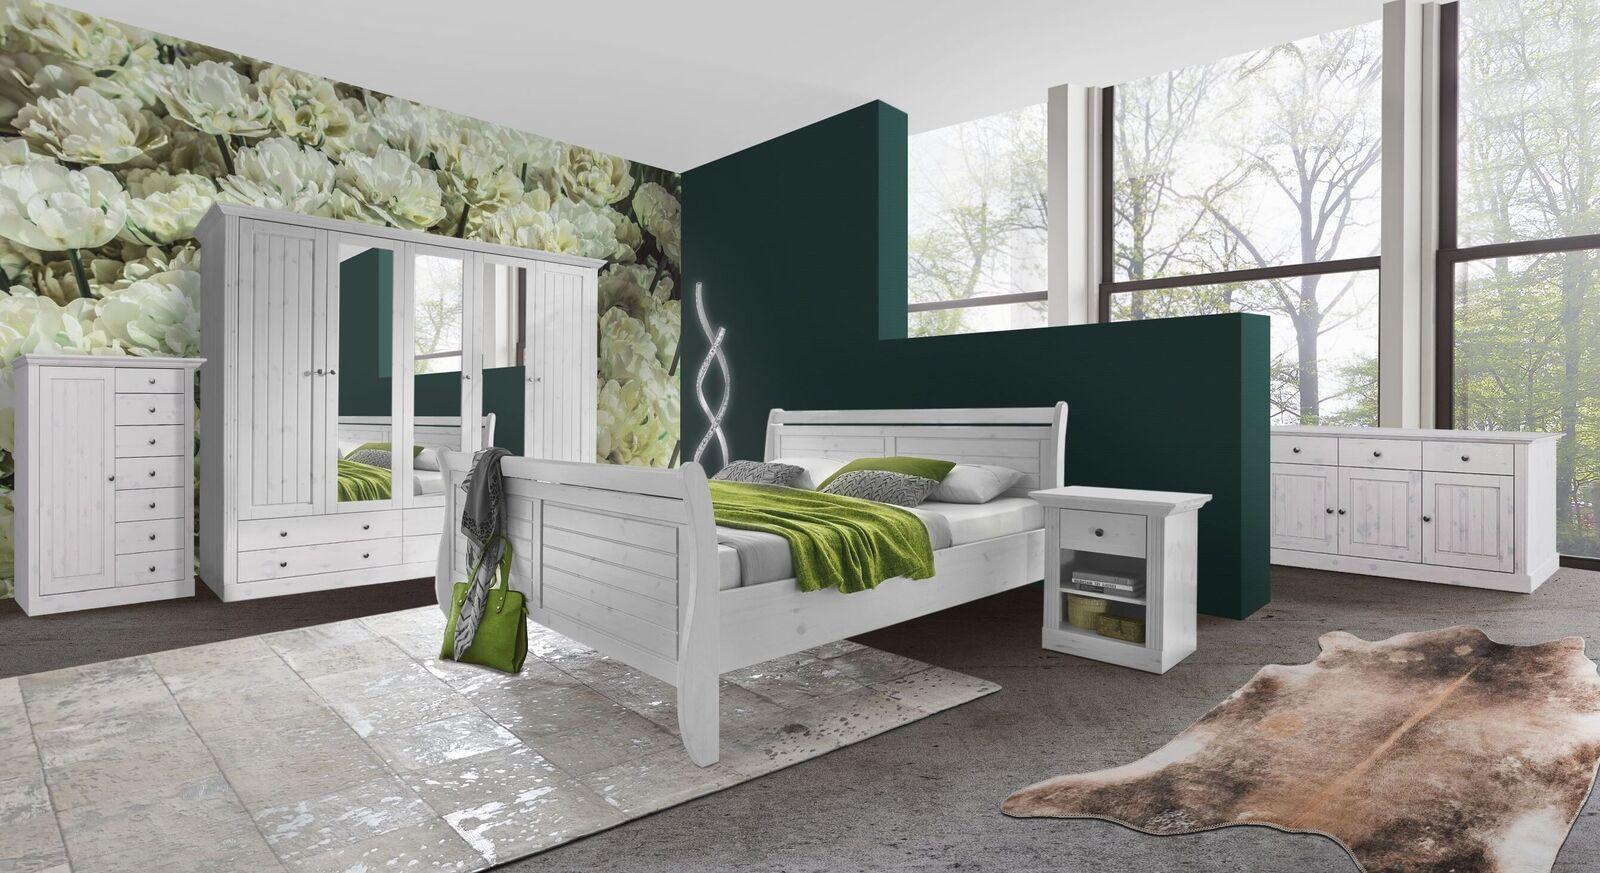 Komplett-Schlafzimmer Liska im angesagten Landhausstil